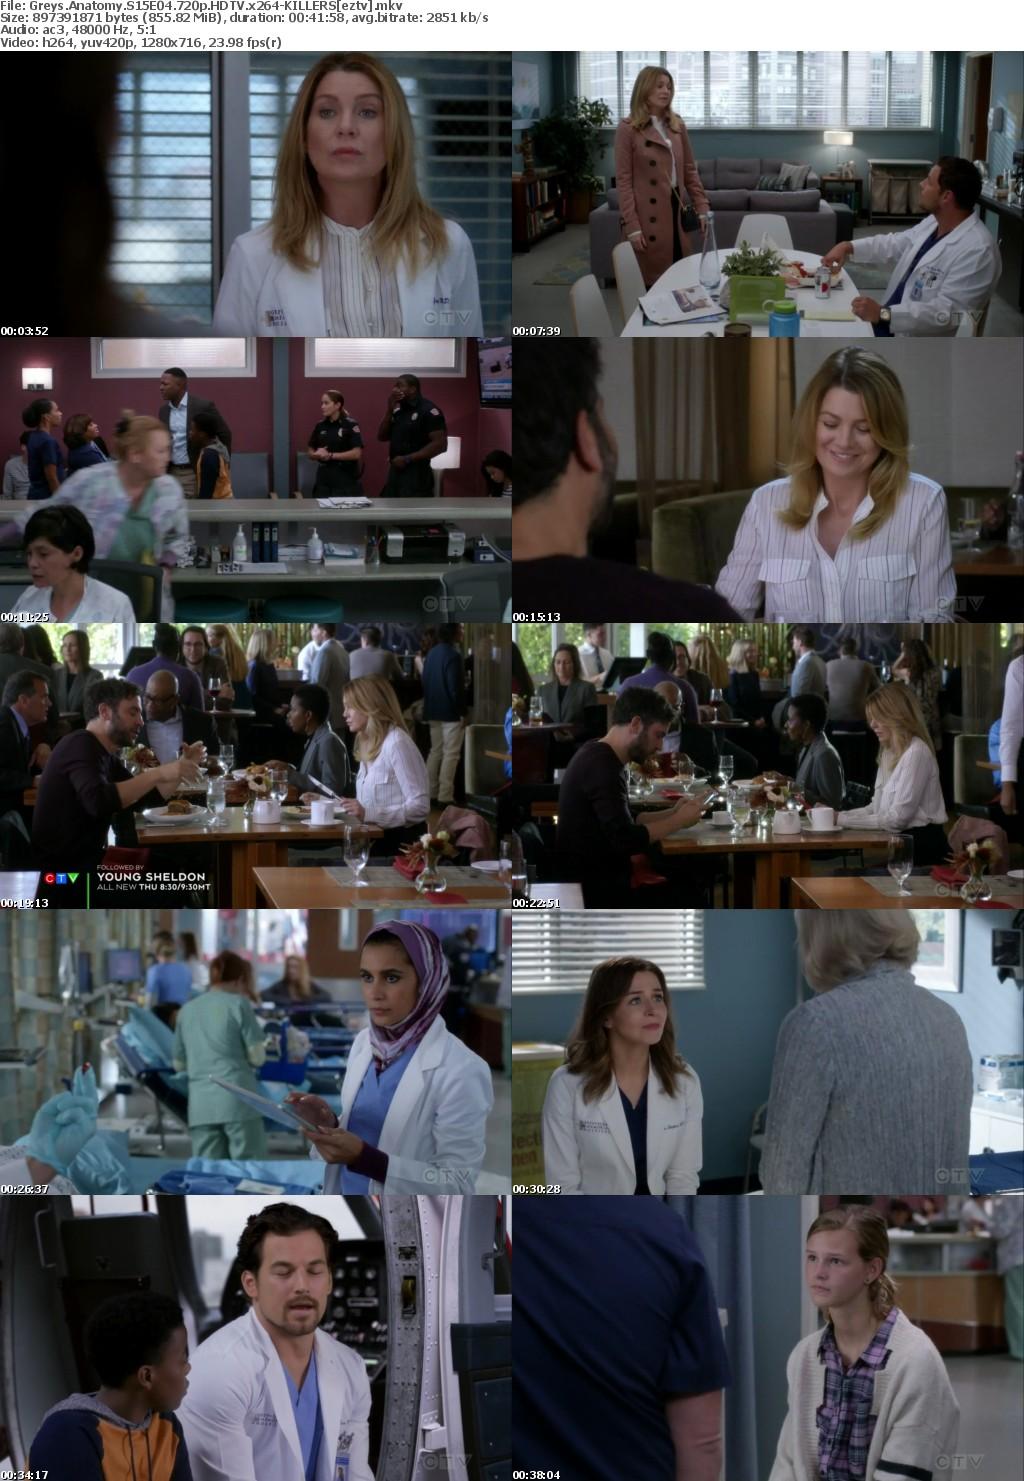 Greys Anatomy S15E04 720p HDTV x264-KILLERS